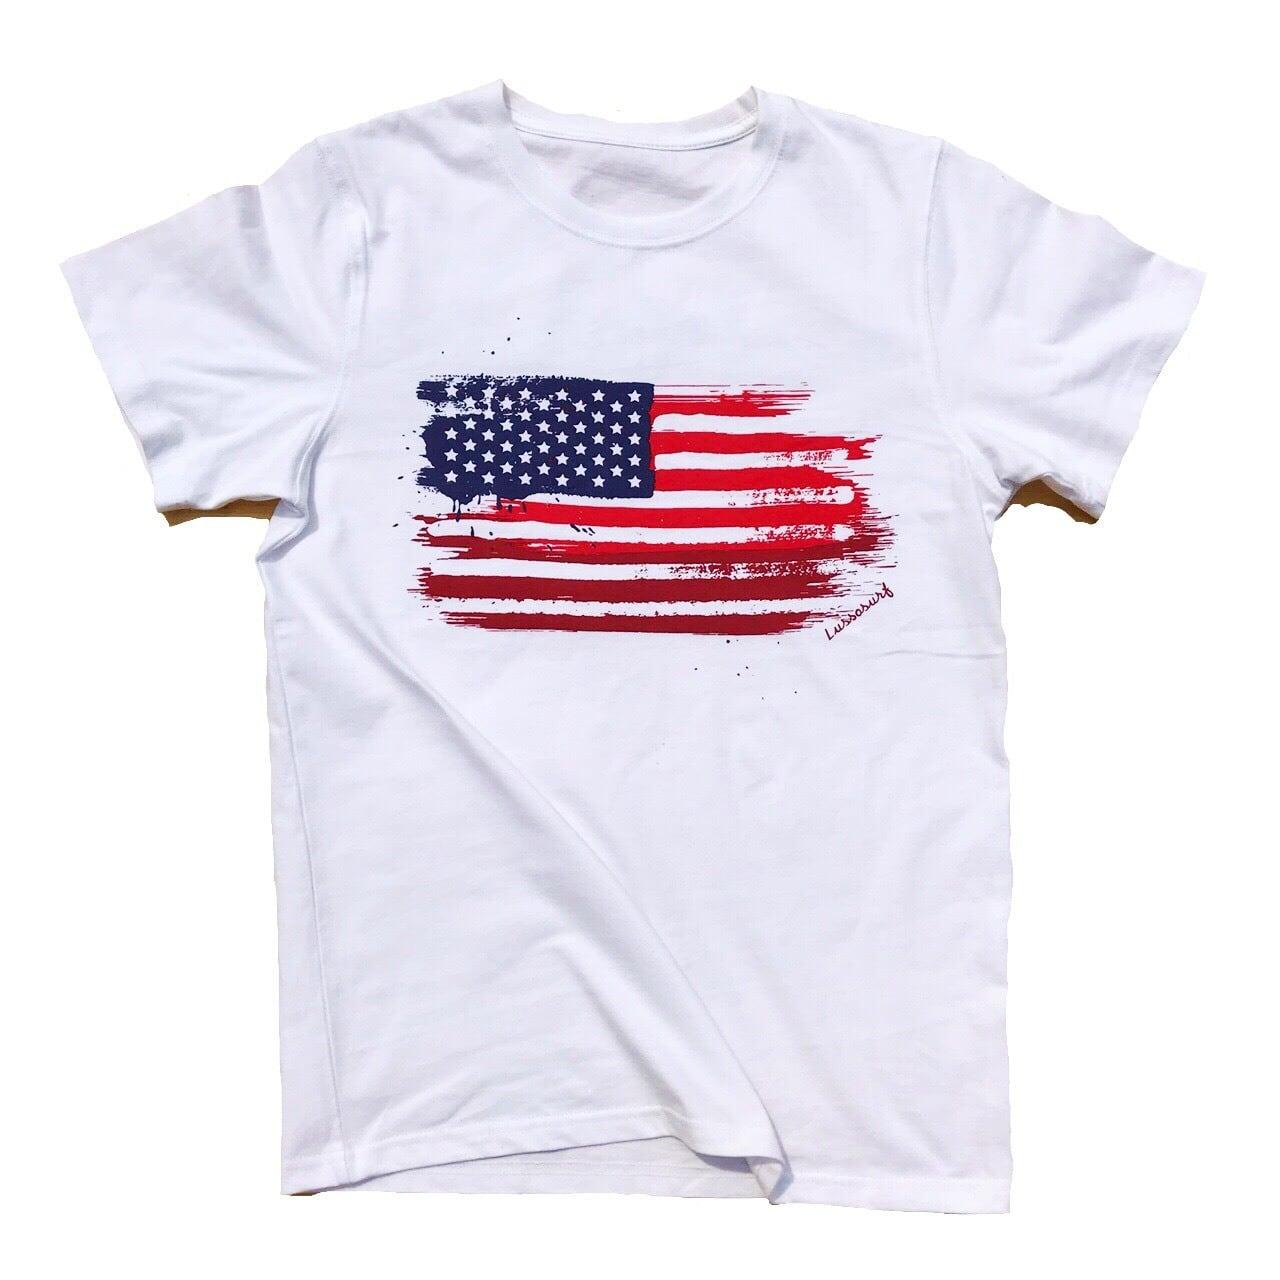 Americanflag Tee 【Men】